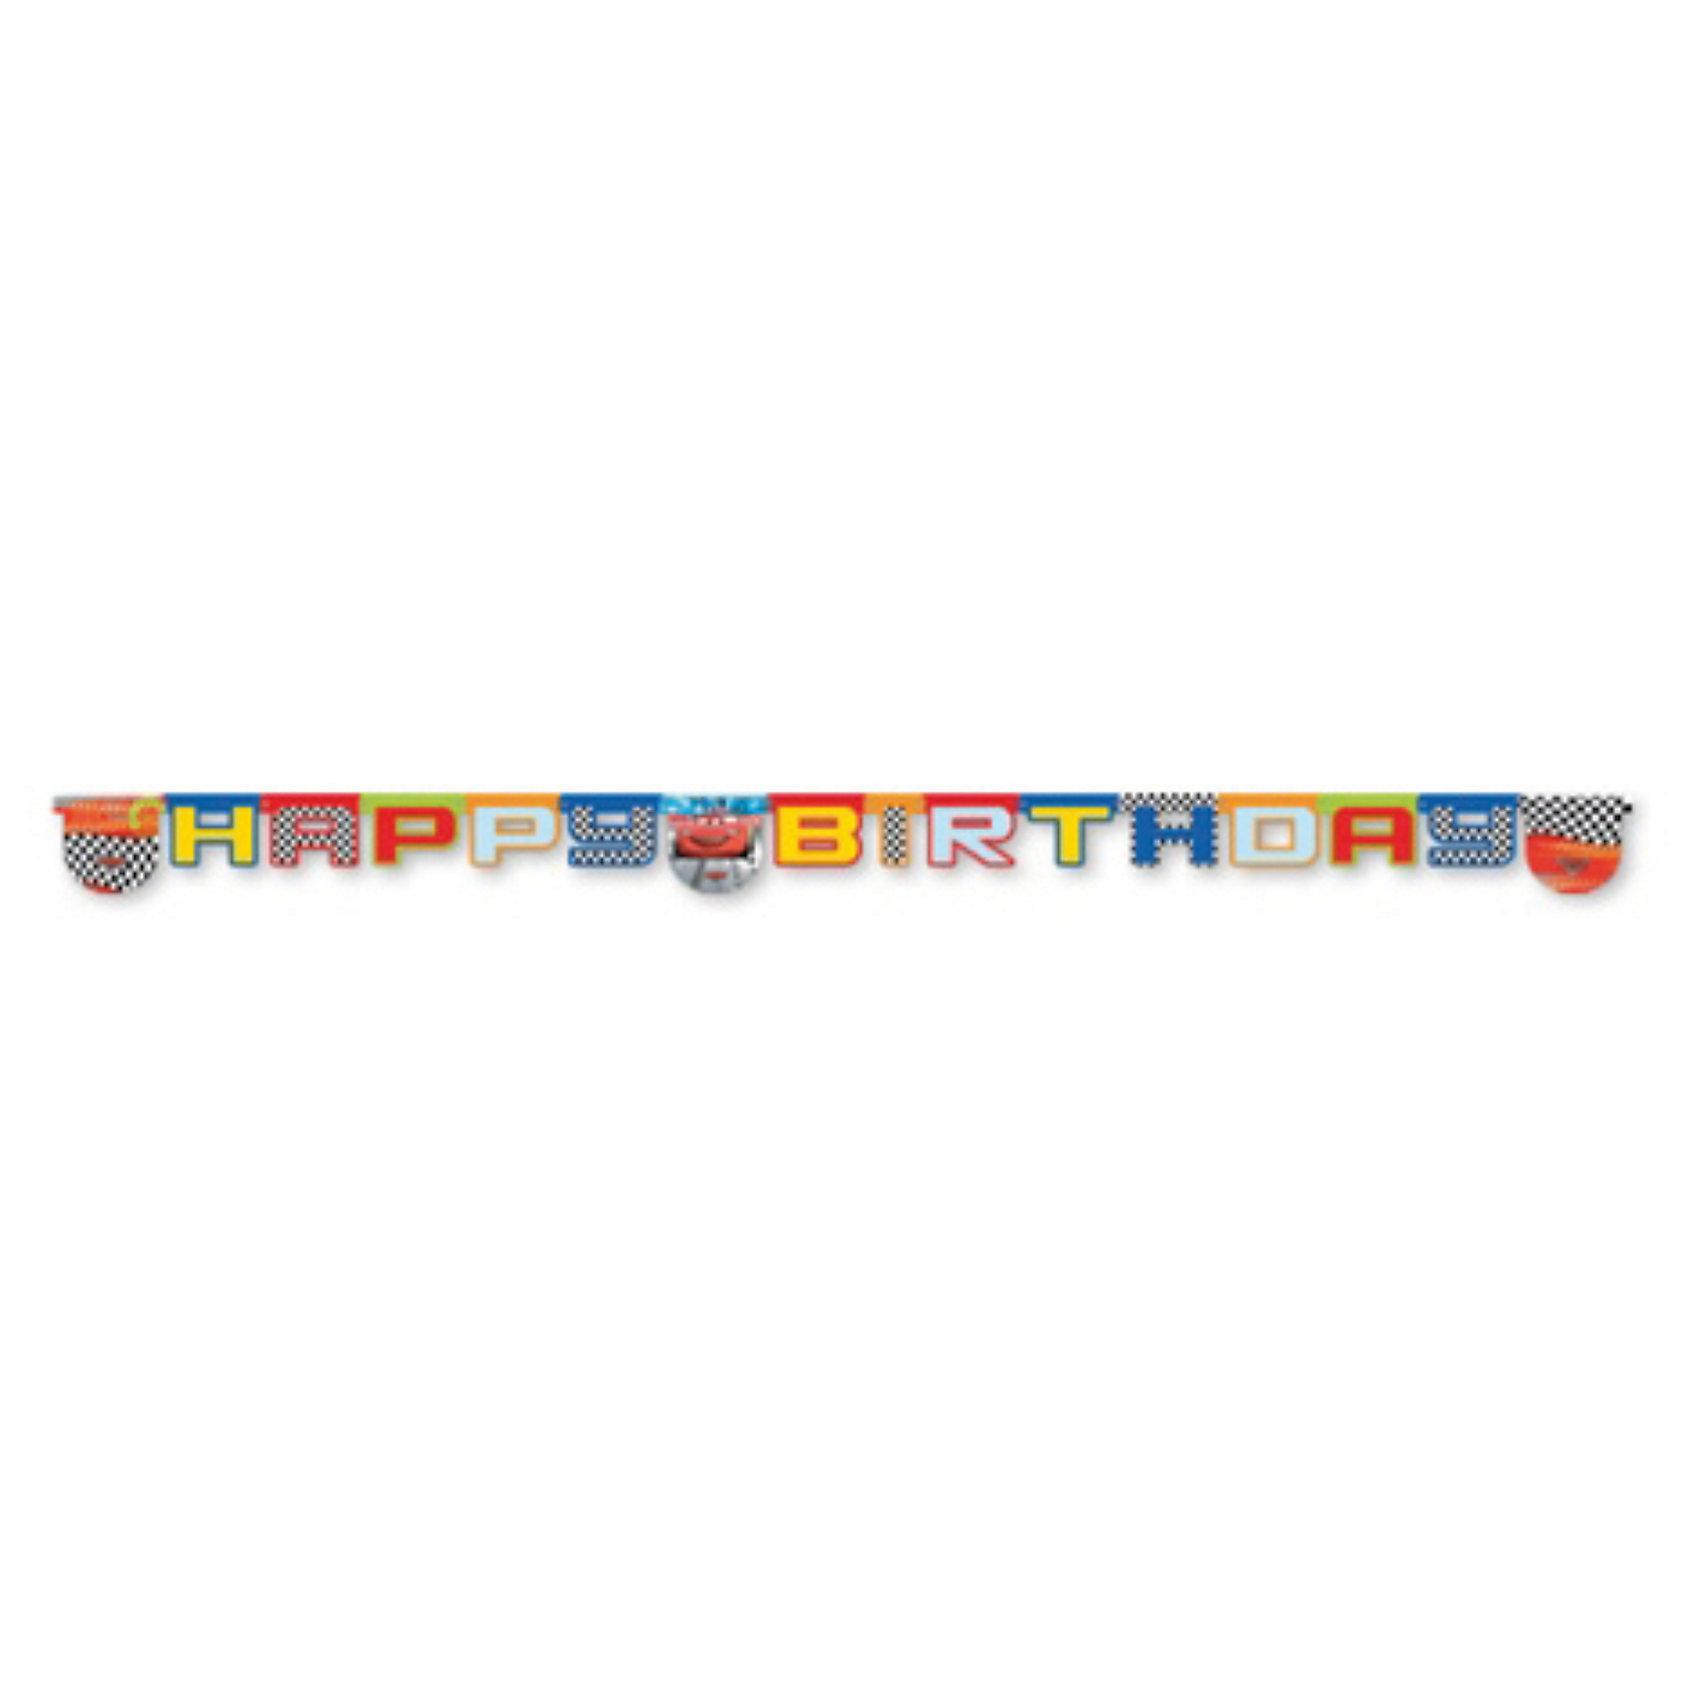 Гирлянда Тачки на старте, Happy BirthdayТачки<br>Гирлянда Тачки (Cars) на старте Happy Birthday.<br>Гирлянда с надписью Happy Birthday, выполненная в стиле мультфильма «Тачки (Cars)» украсит комнату к празднику, создаст атмосферу торжества и подарит хорошее настроение детям!  <br><br>В набор входит 1 гирлянда.<br><br><br>Дополнительная информация:<br><br>224х212х31 мм<br><br>Поднимет настроение всей компании Вашего малыша!<br>Легко приобрести в нашем интернет-магазине!<br><br>Ширина мм: 224<br>Глубина мм: 212<br>Высота мм: 31<br>Вес г: 46<br>Возраст от месяцев: 36<br>Возраст до месяцев: 84<br>Пол: Мужской<br>Возраст: Детский<br>SKU: 3360049